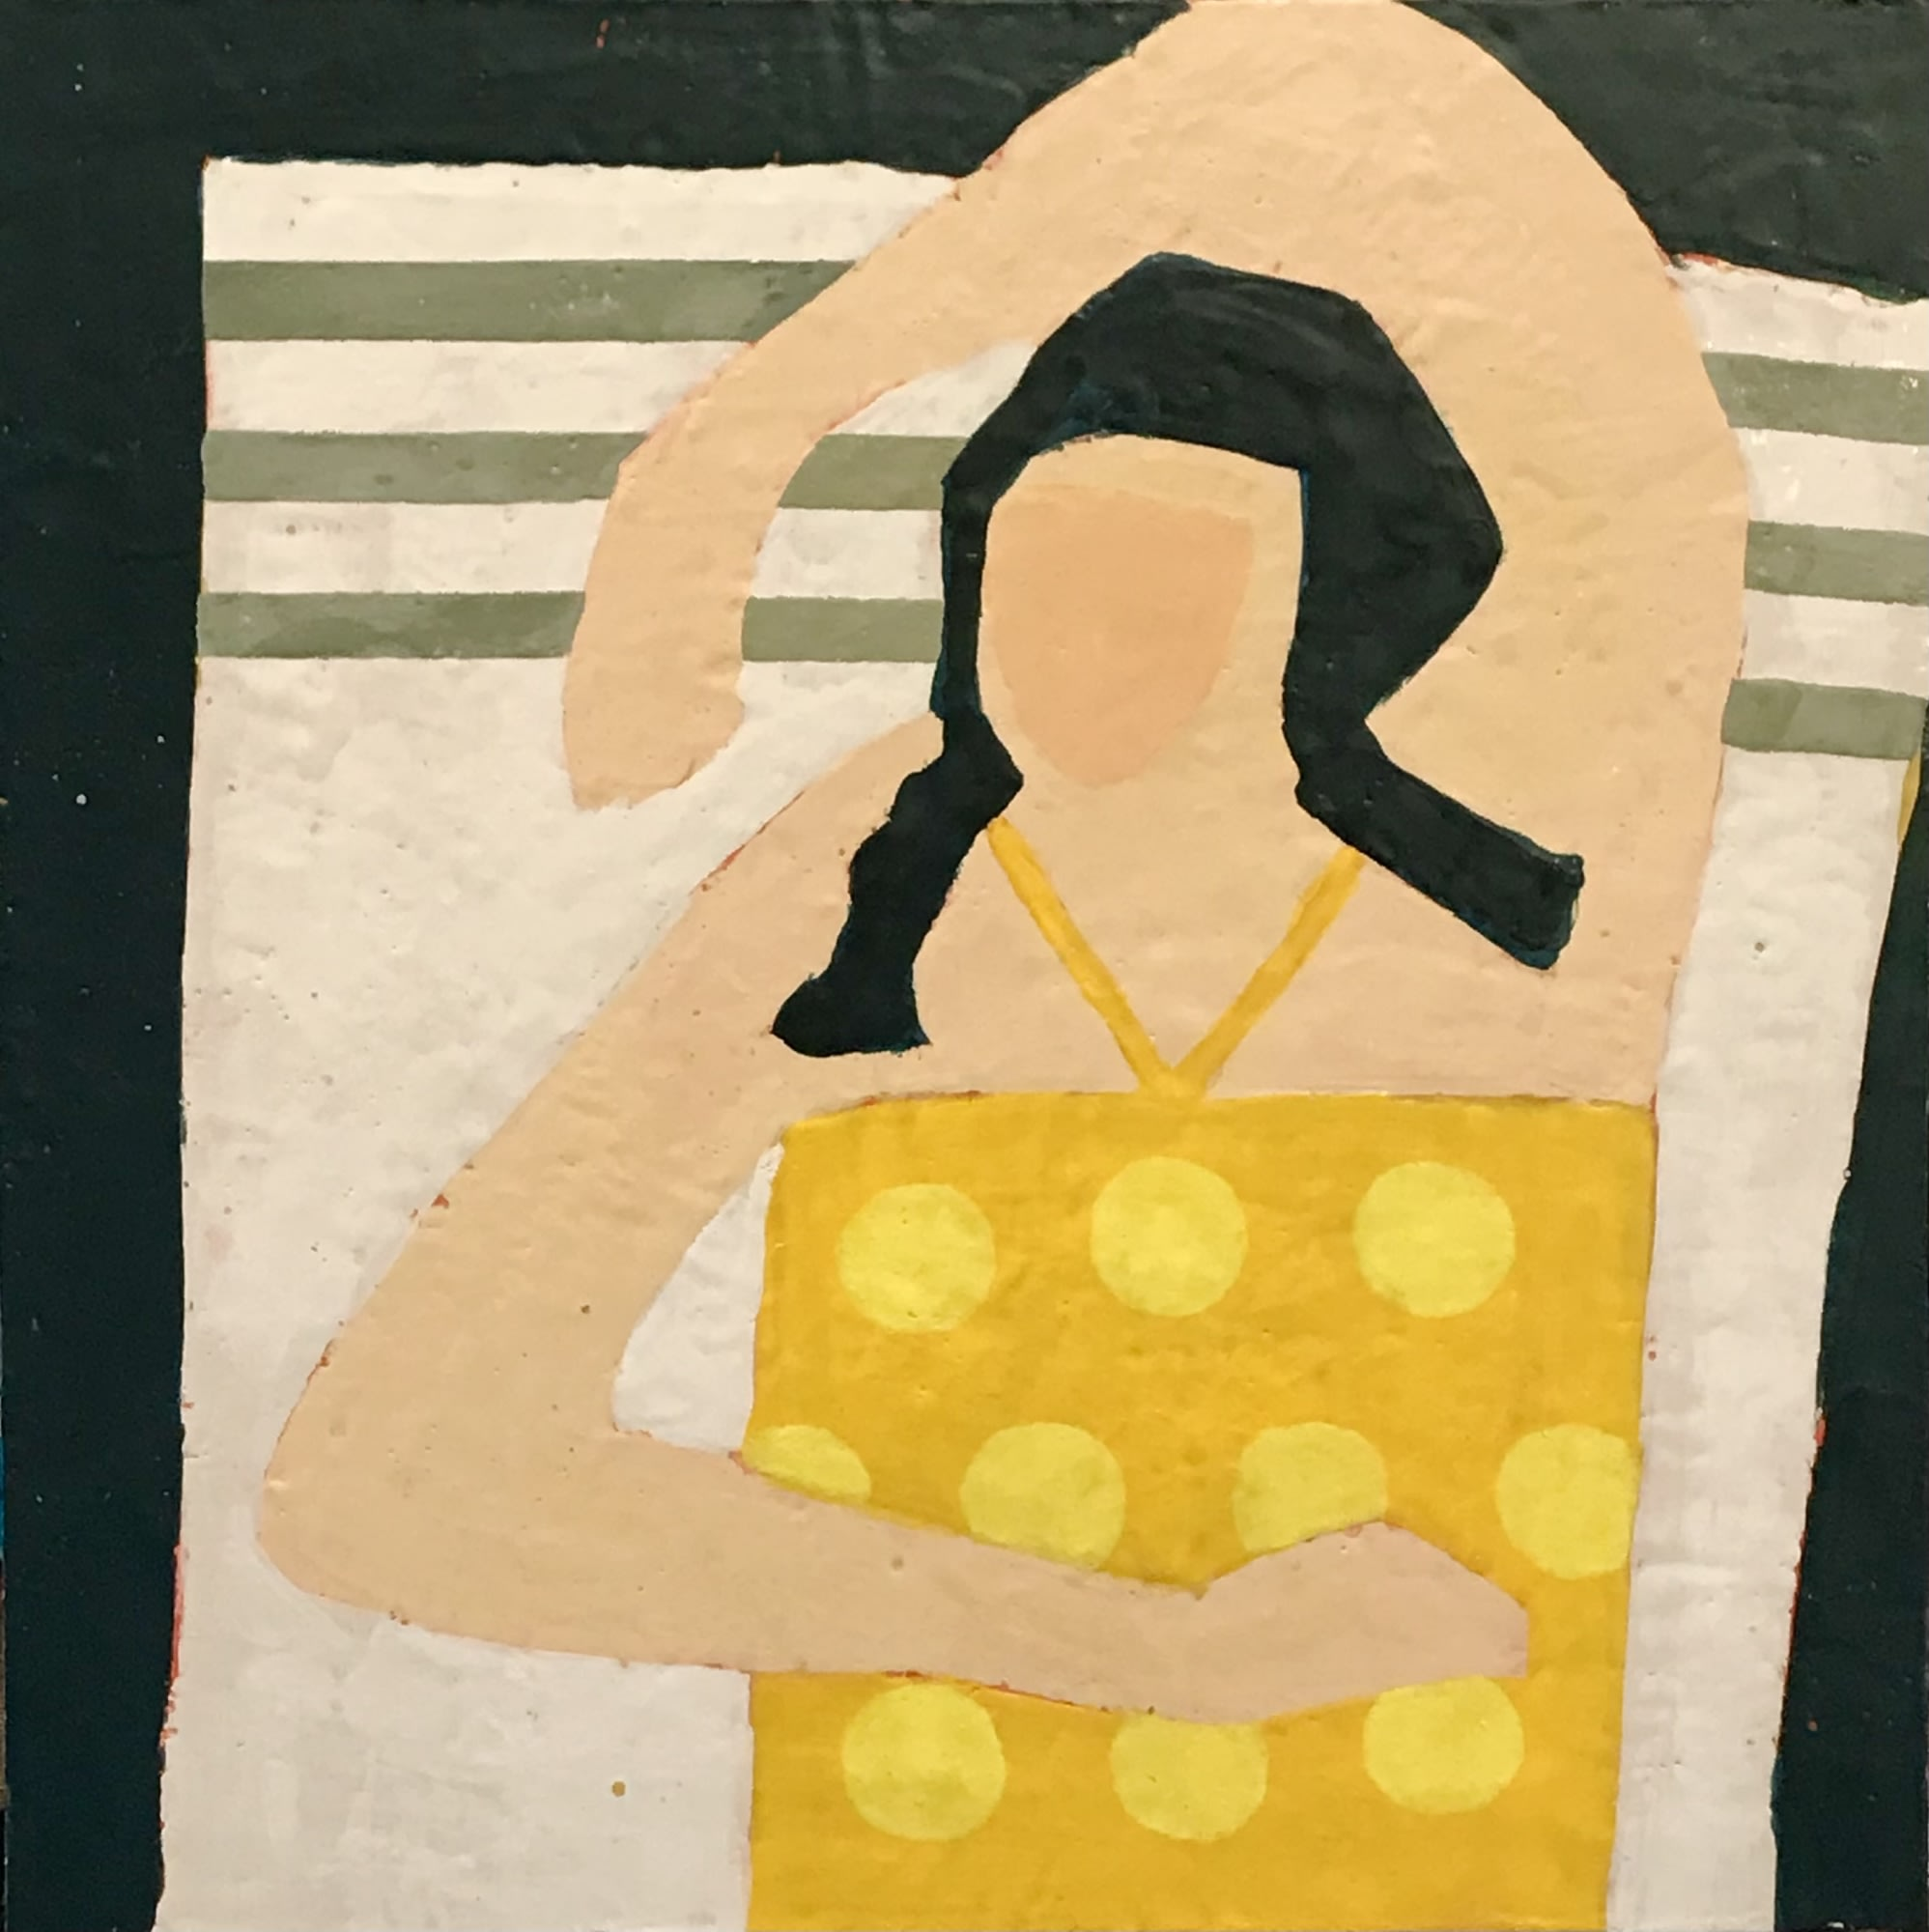 'Sunbather' by Deborah Eyde at Gallery 133